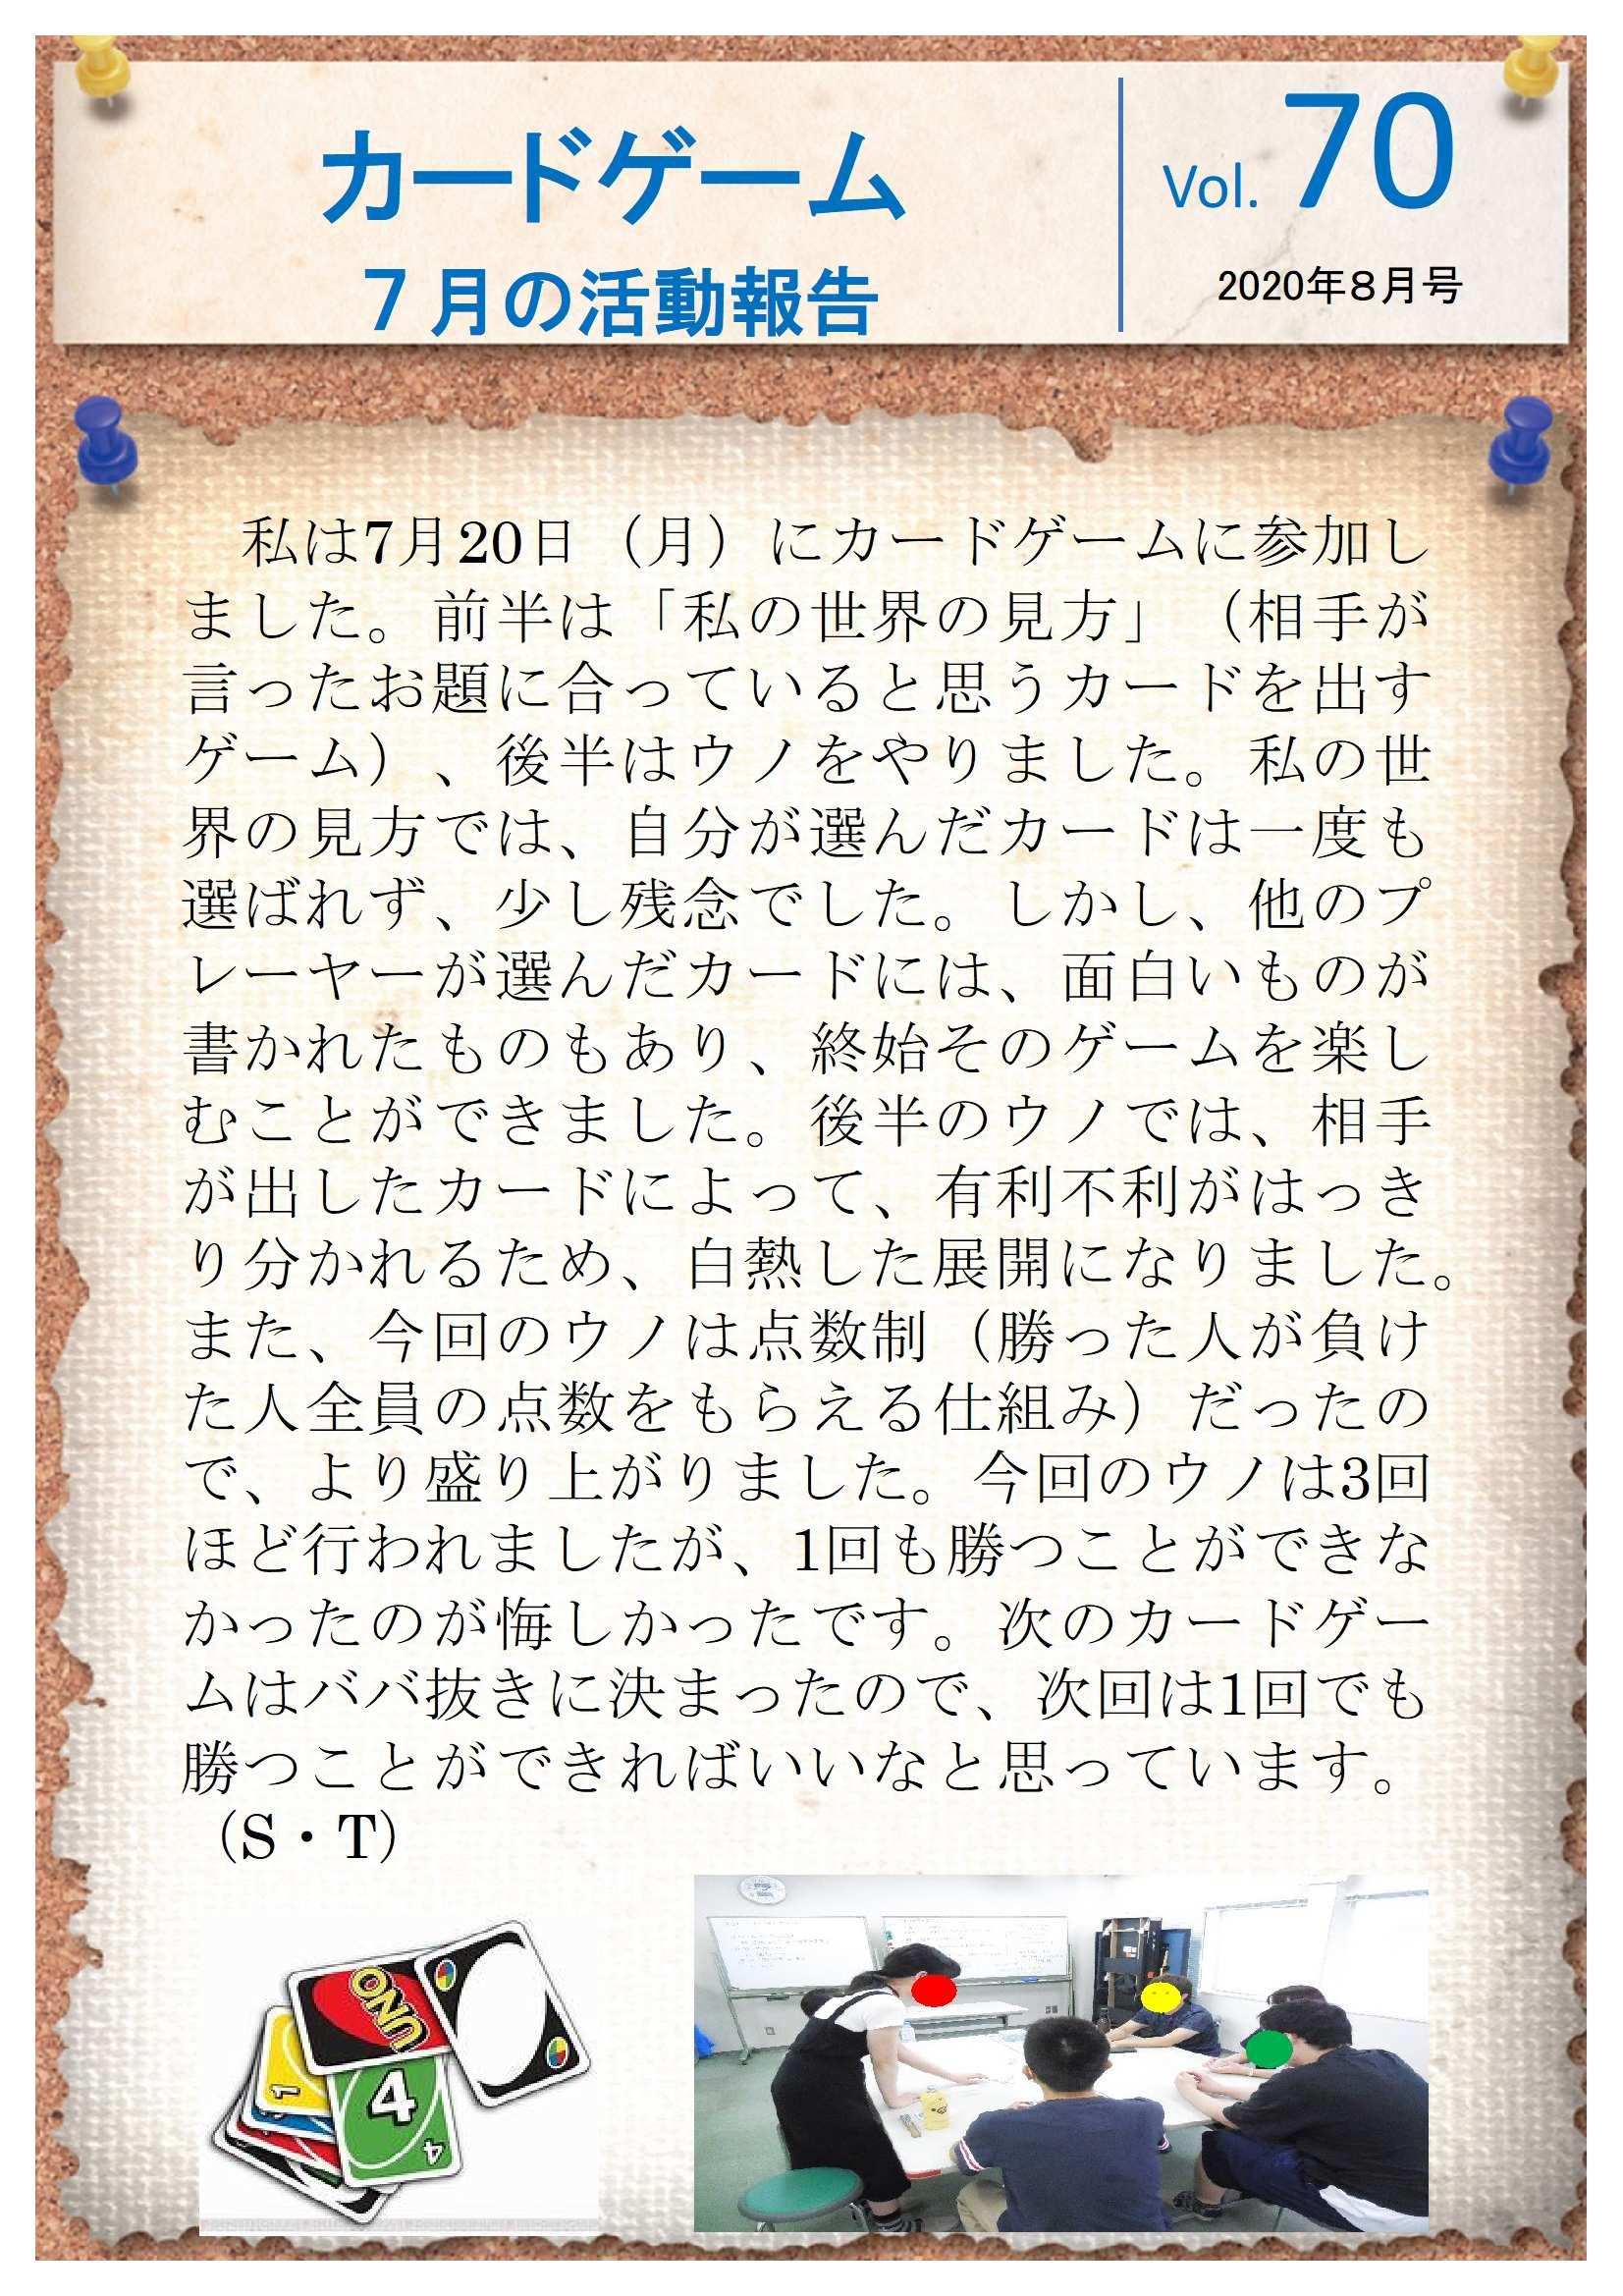 カードゲーム7月の活動報告